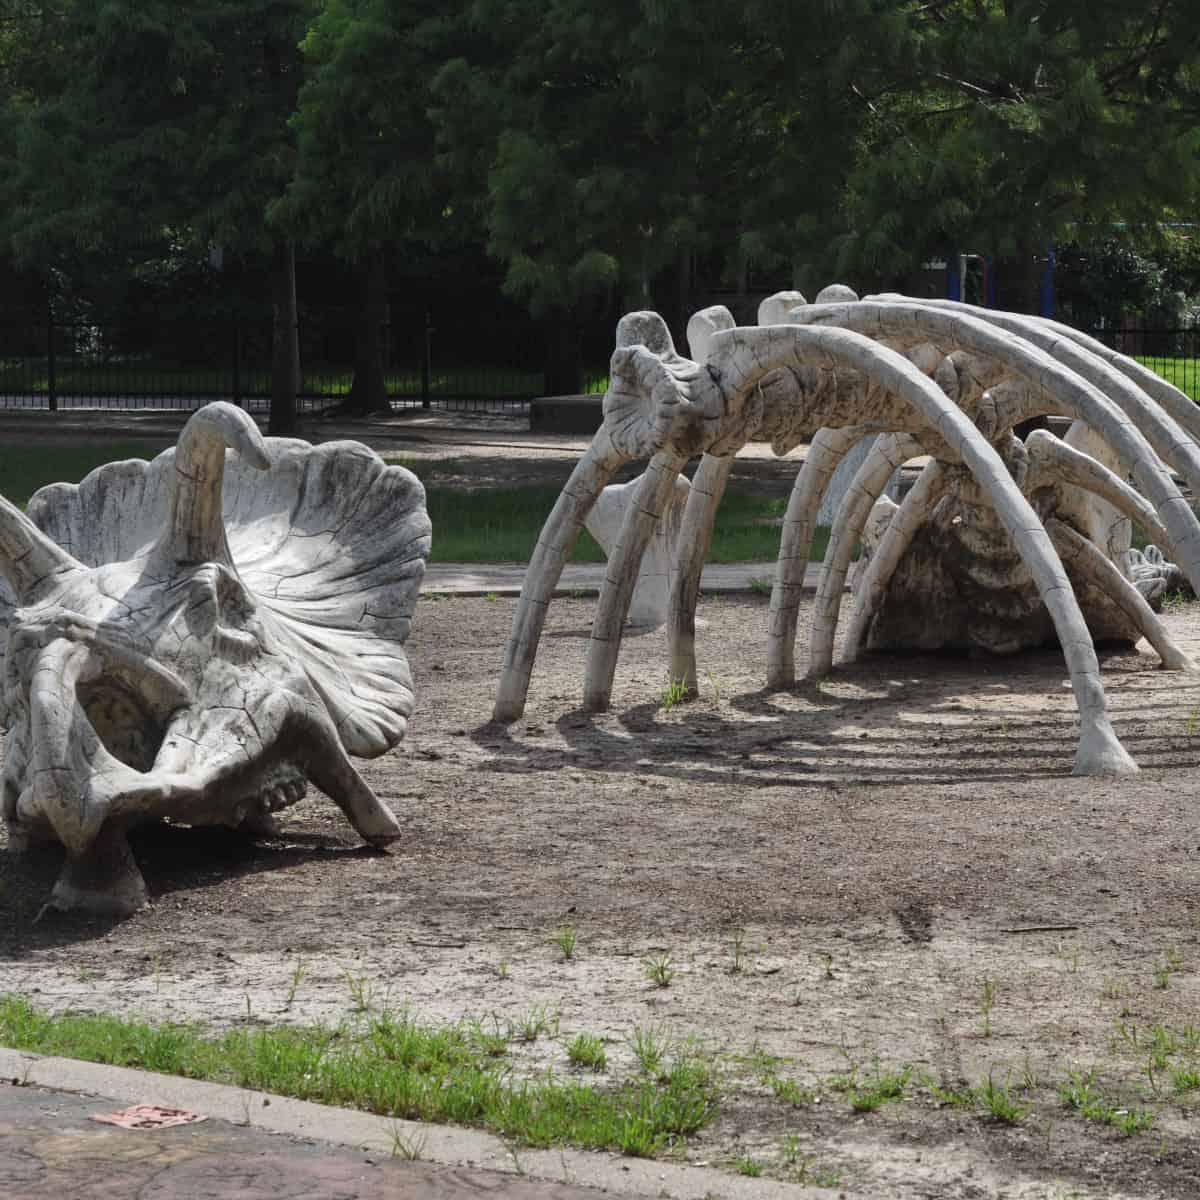 Dinosaur Bones at Travis Spark Park